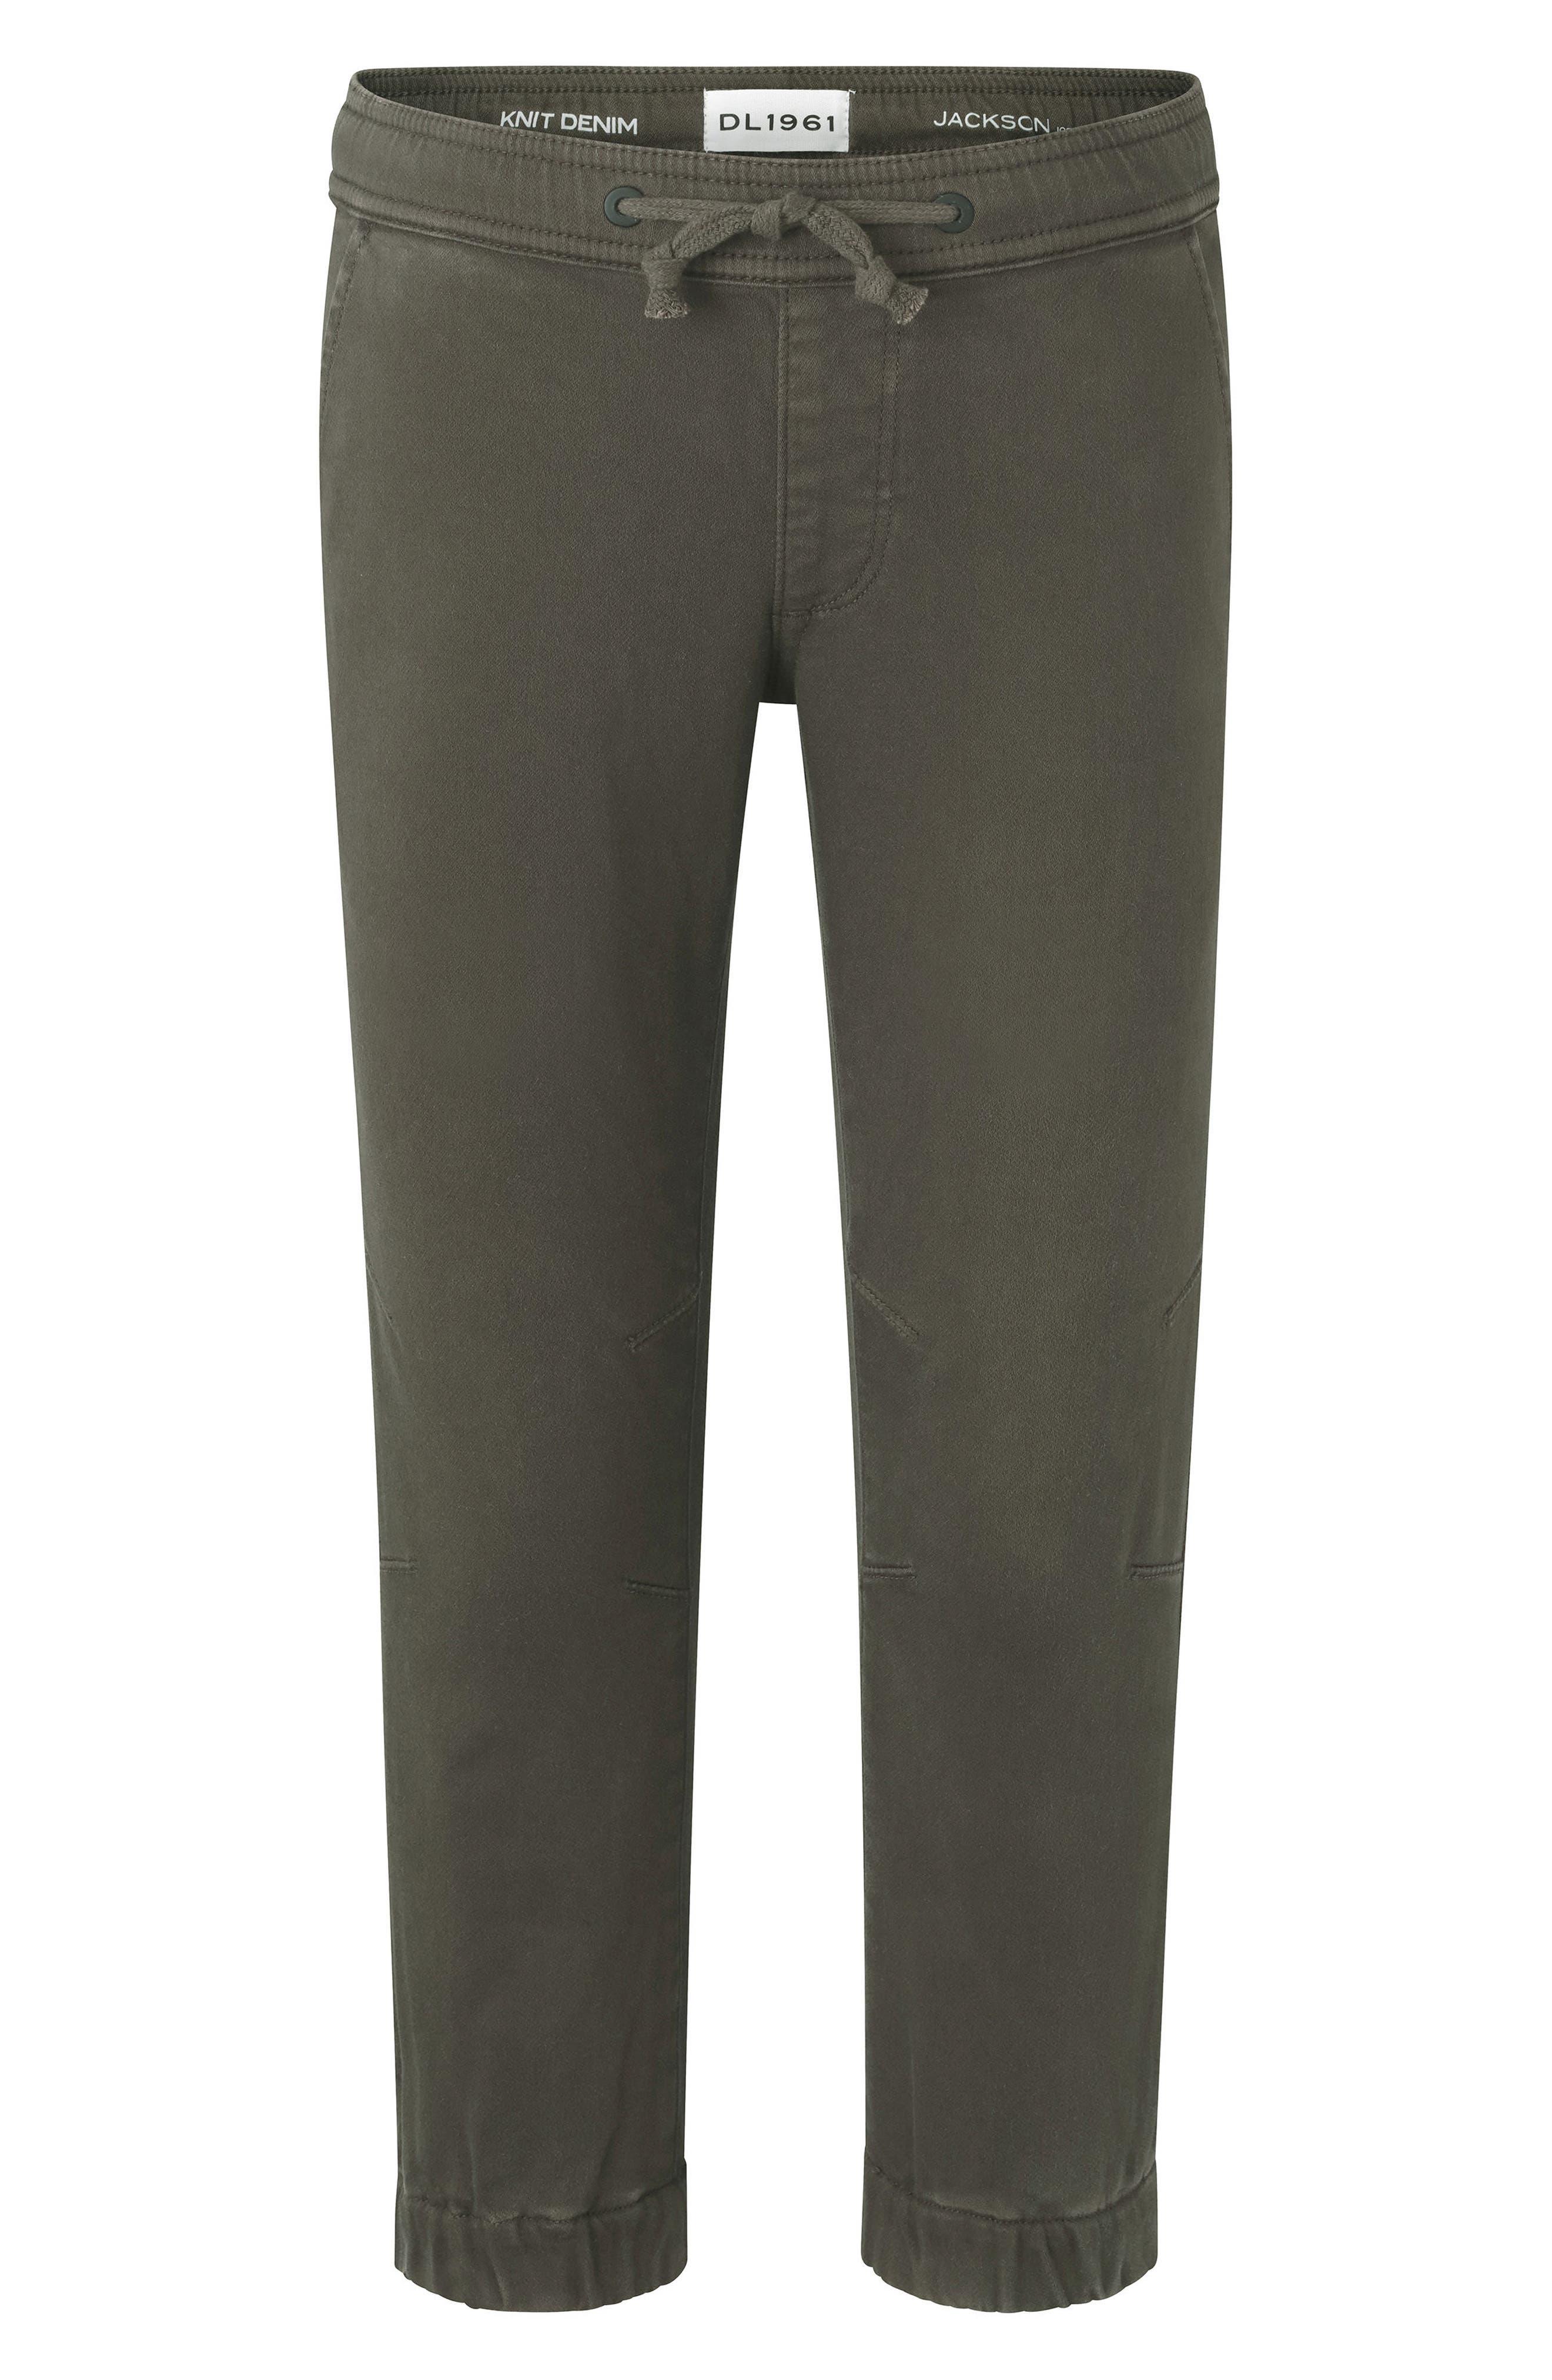 Jackson Jogger Pants,                         Main,                         color, Fam